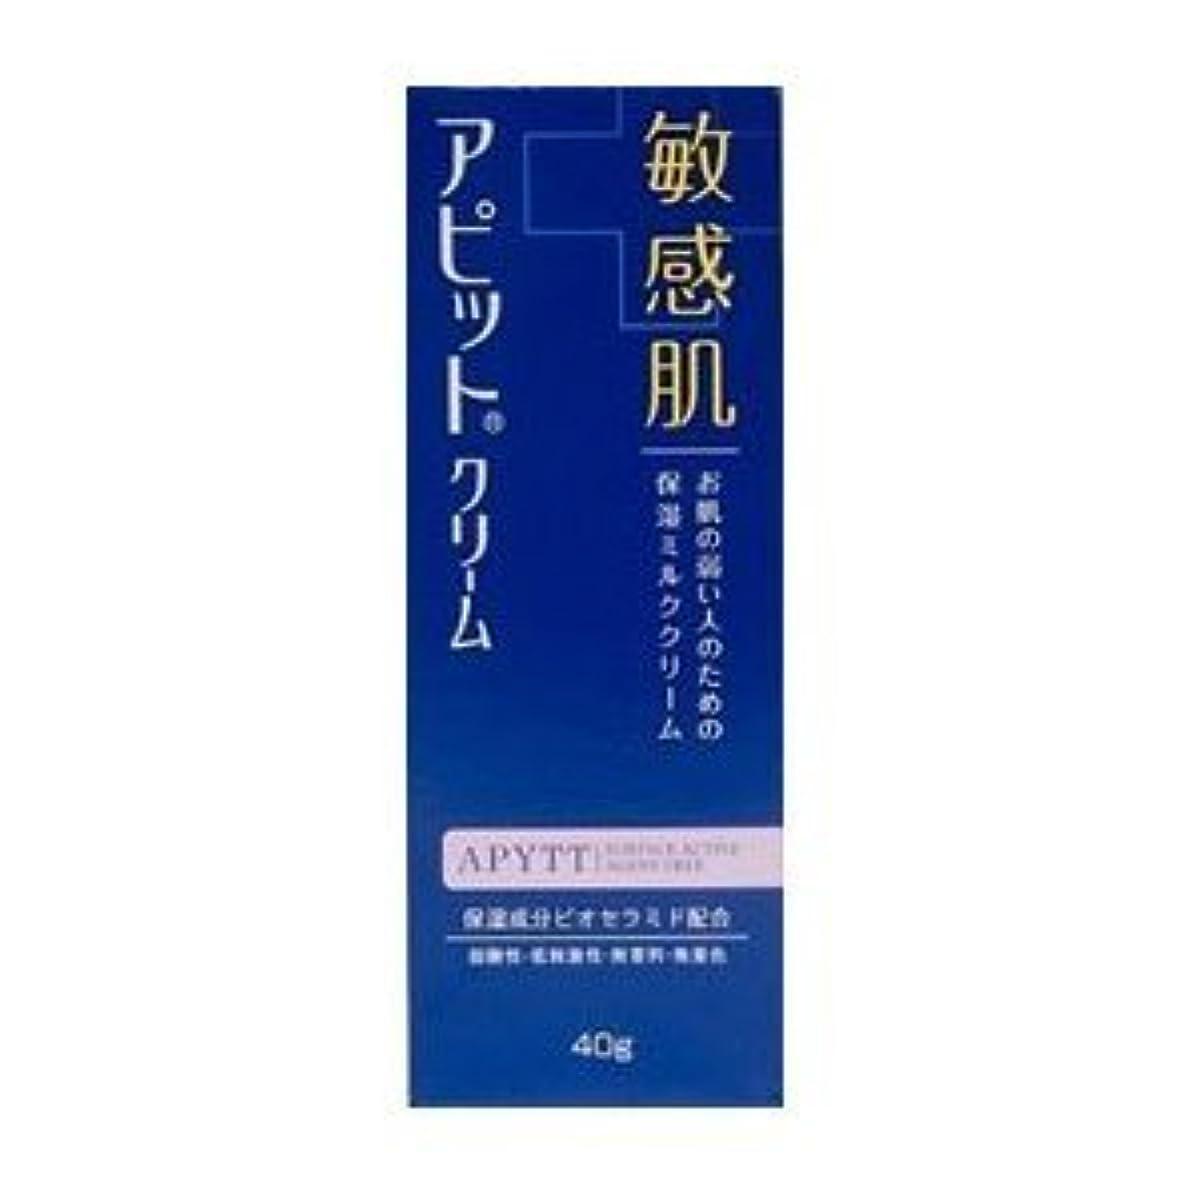 鼻裸真夜中全薬工業 アピットクリーム 40g×3個セット (医薬部外品)